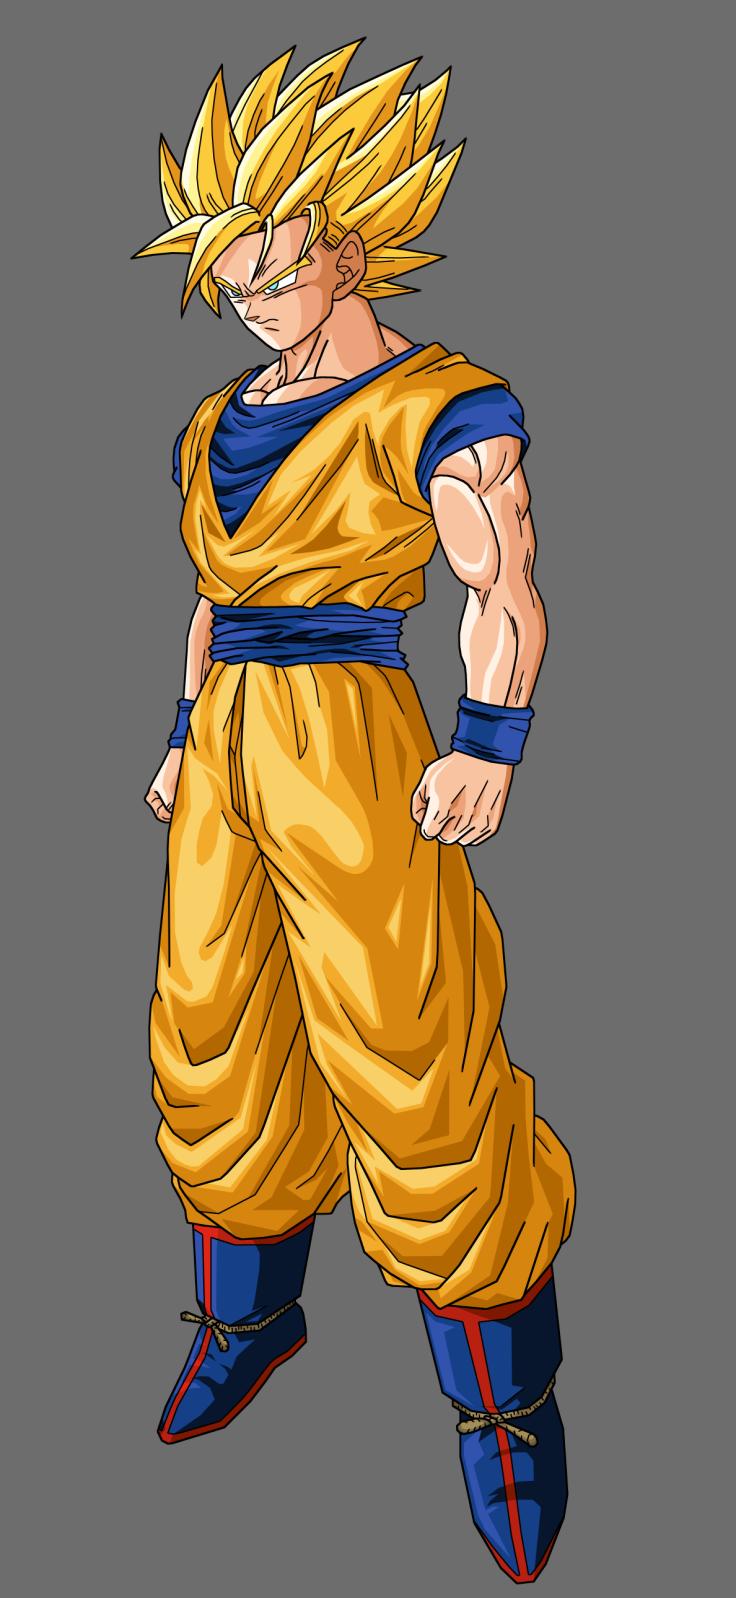 Goku Ssj Perfil By Amodragonball On Deviantart